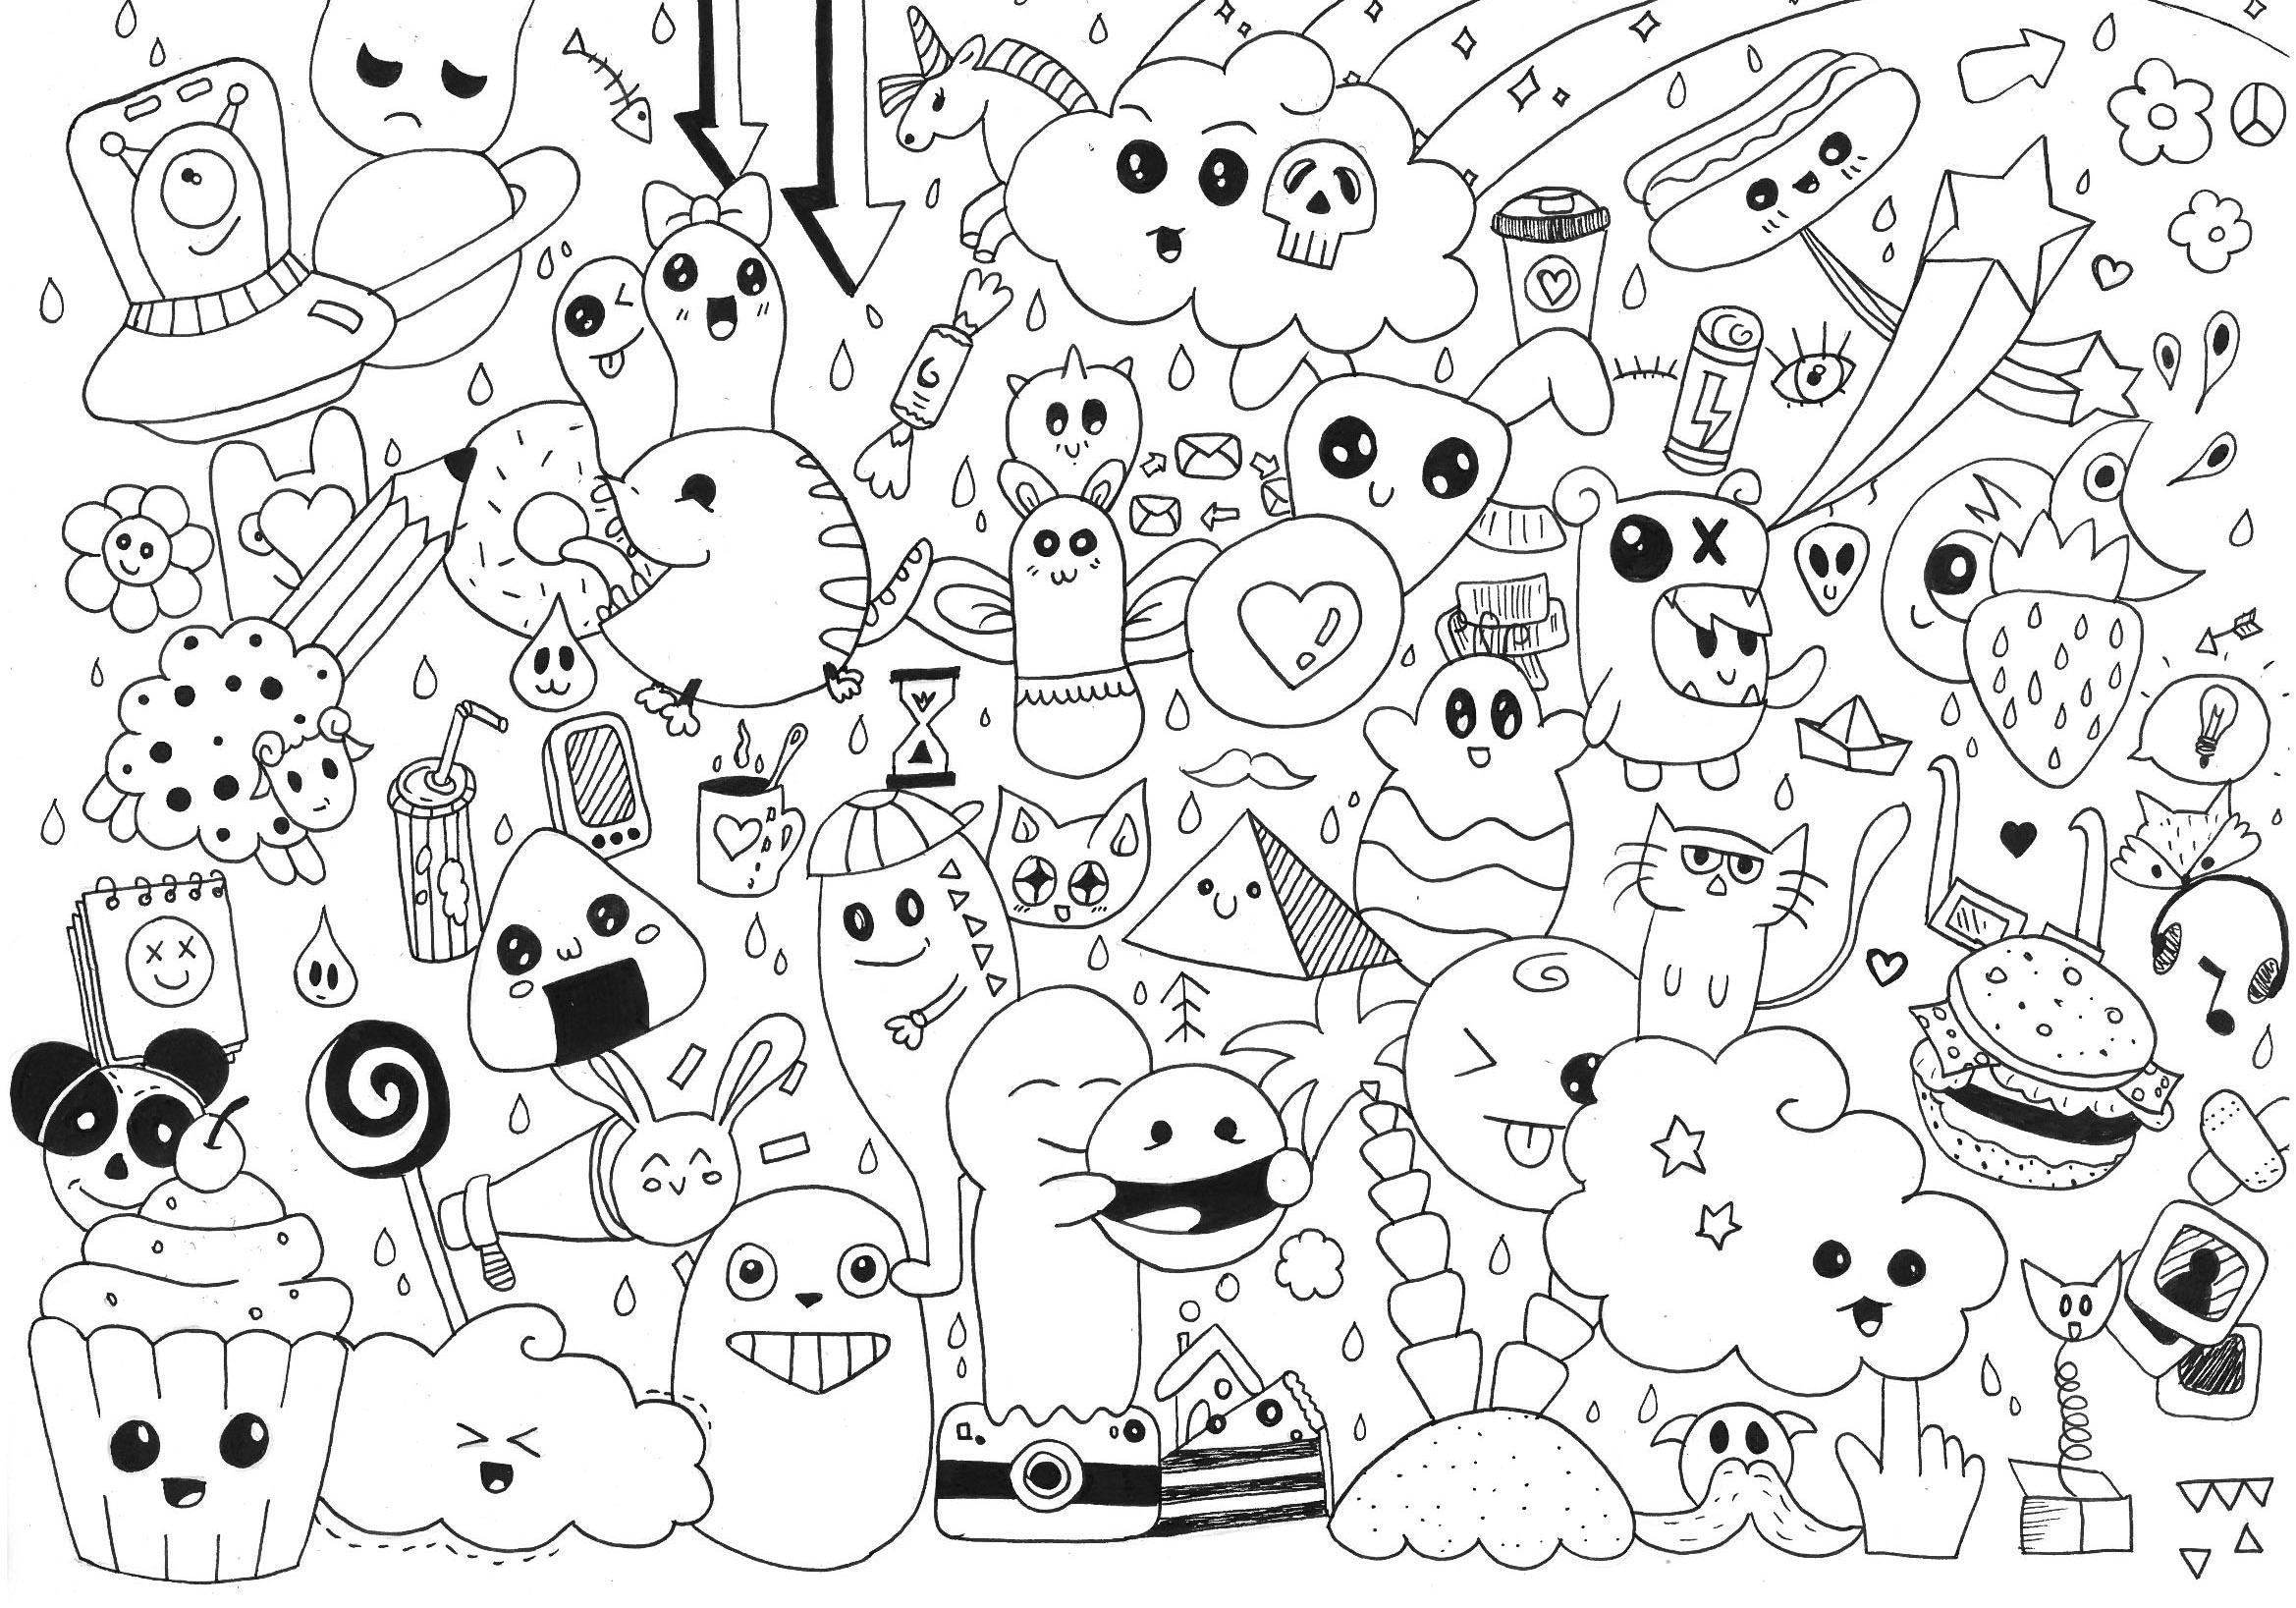 Colorear para adultos : Doodle art / Doodling - 37